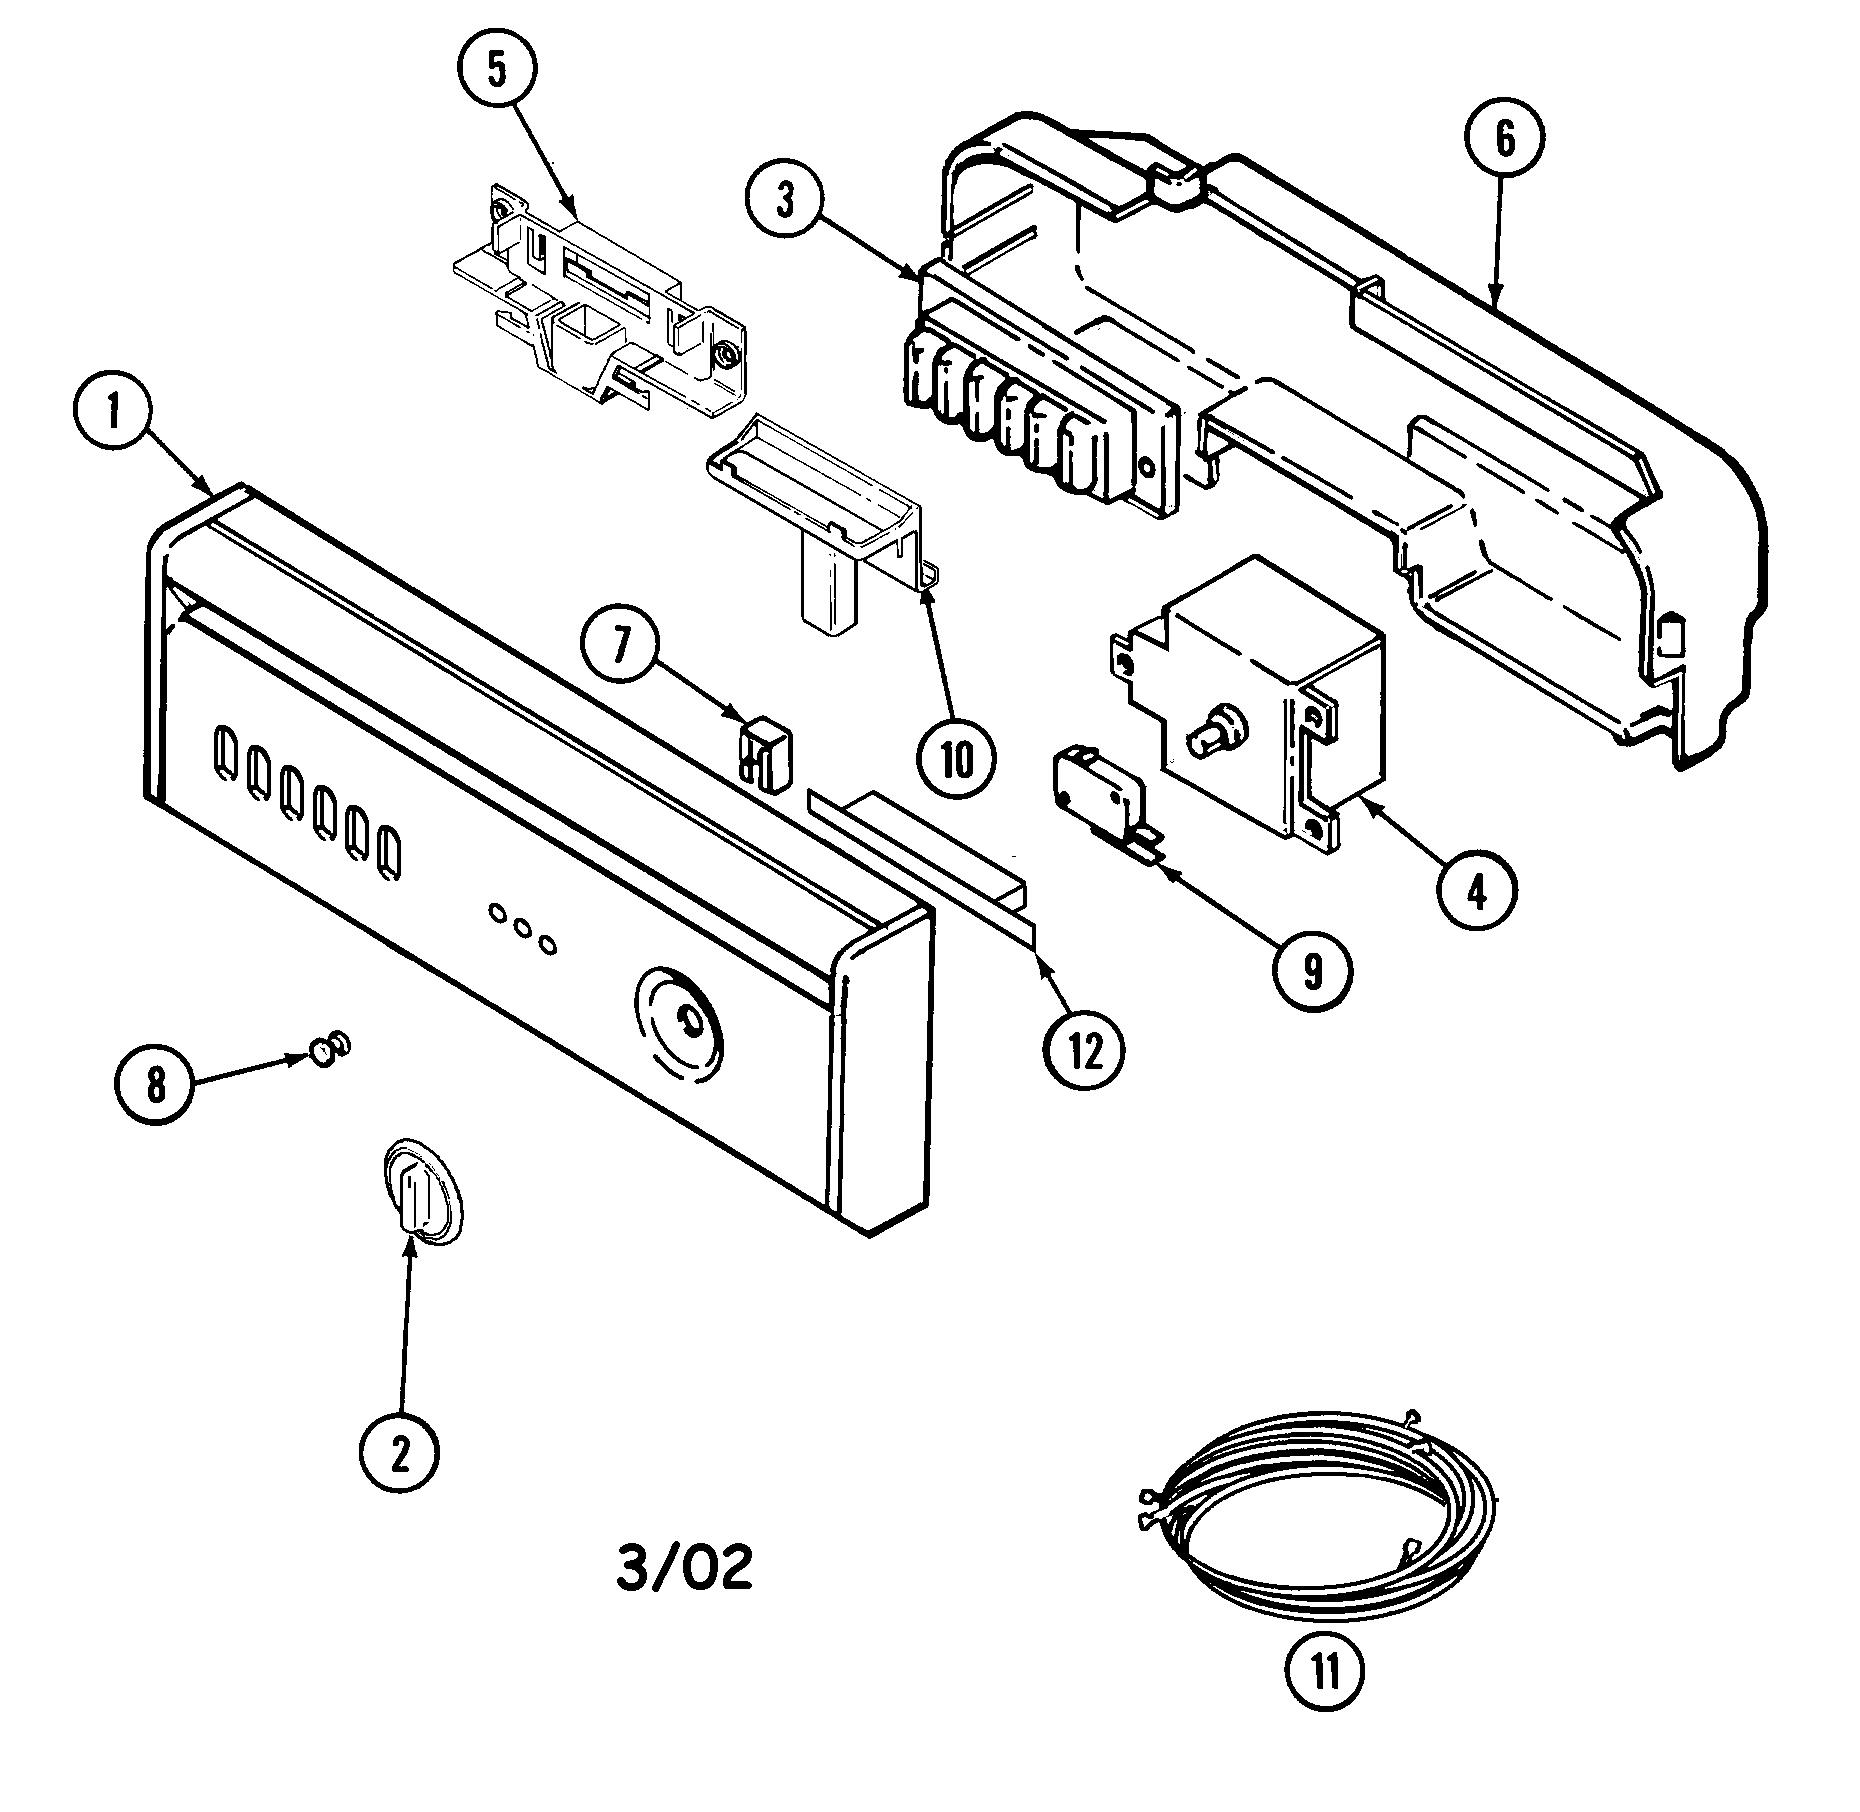 maytag mdb5000aww control panel diagram [ 1860 x 1812 Pixel ]